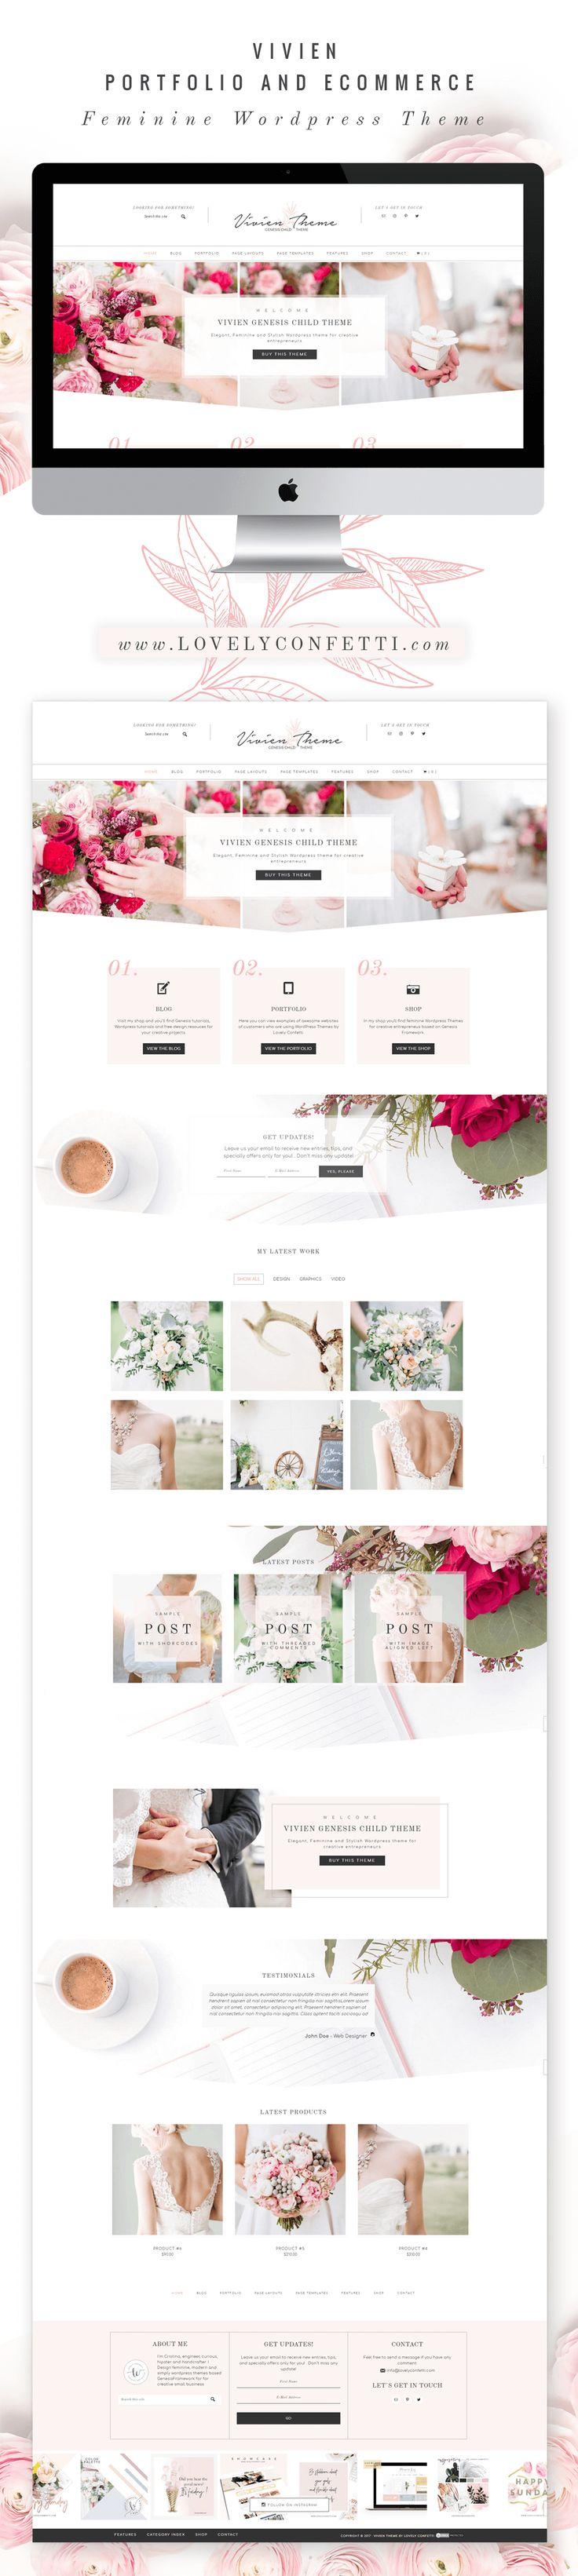 Nueva plantilla Wordpress femenina para proyectos creativos - Lovely Confetti